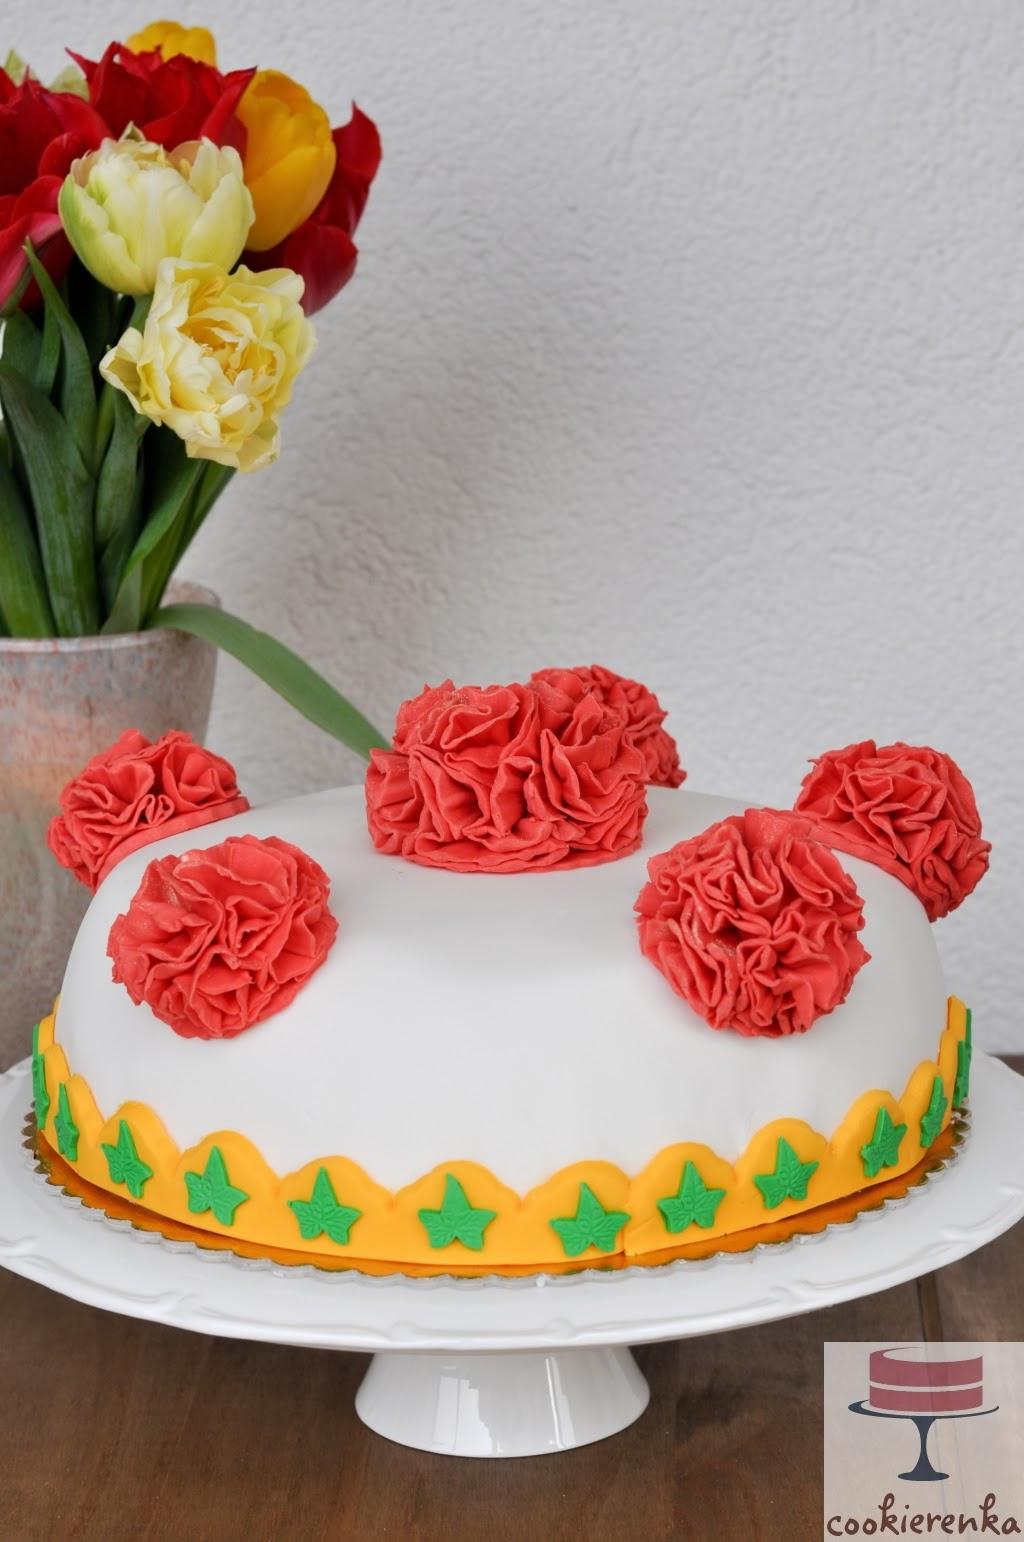 http://www.cookierenka.com/2014/03/tort-urodzinowy.html